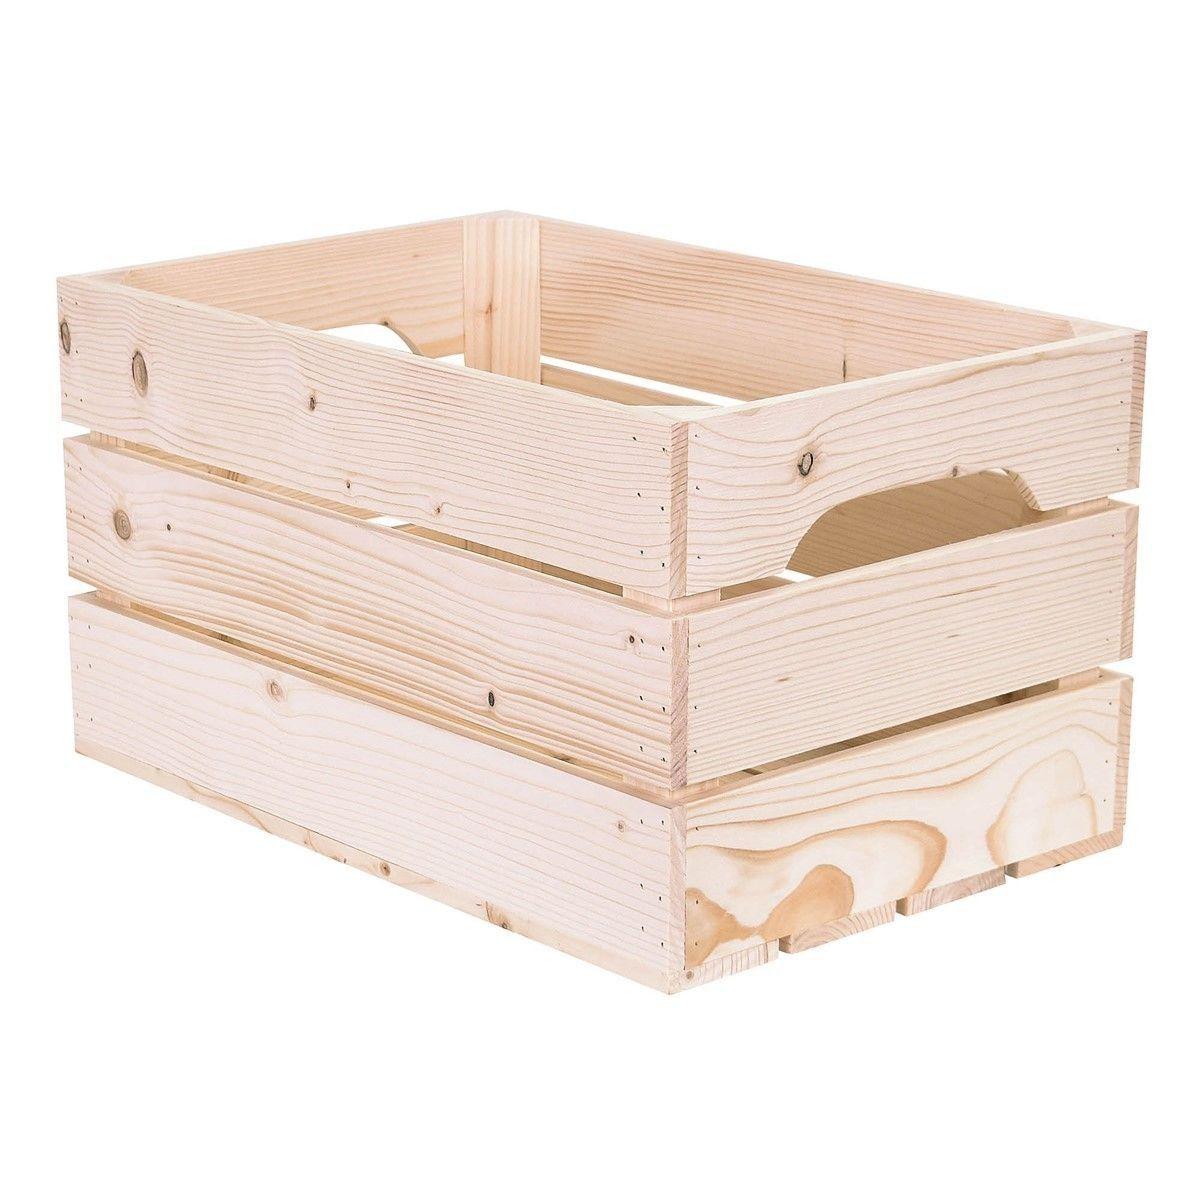 Table Basse Bois Originale 6 Niches De Rangement 4 Cotes Taille